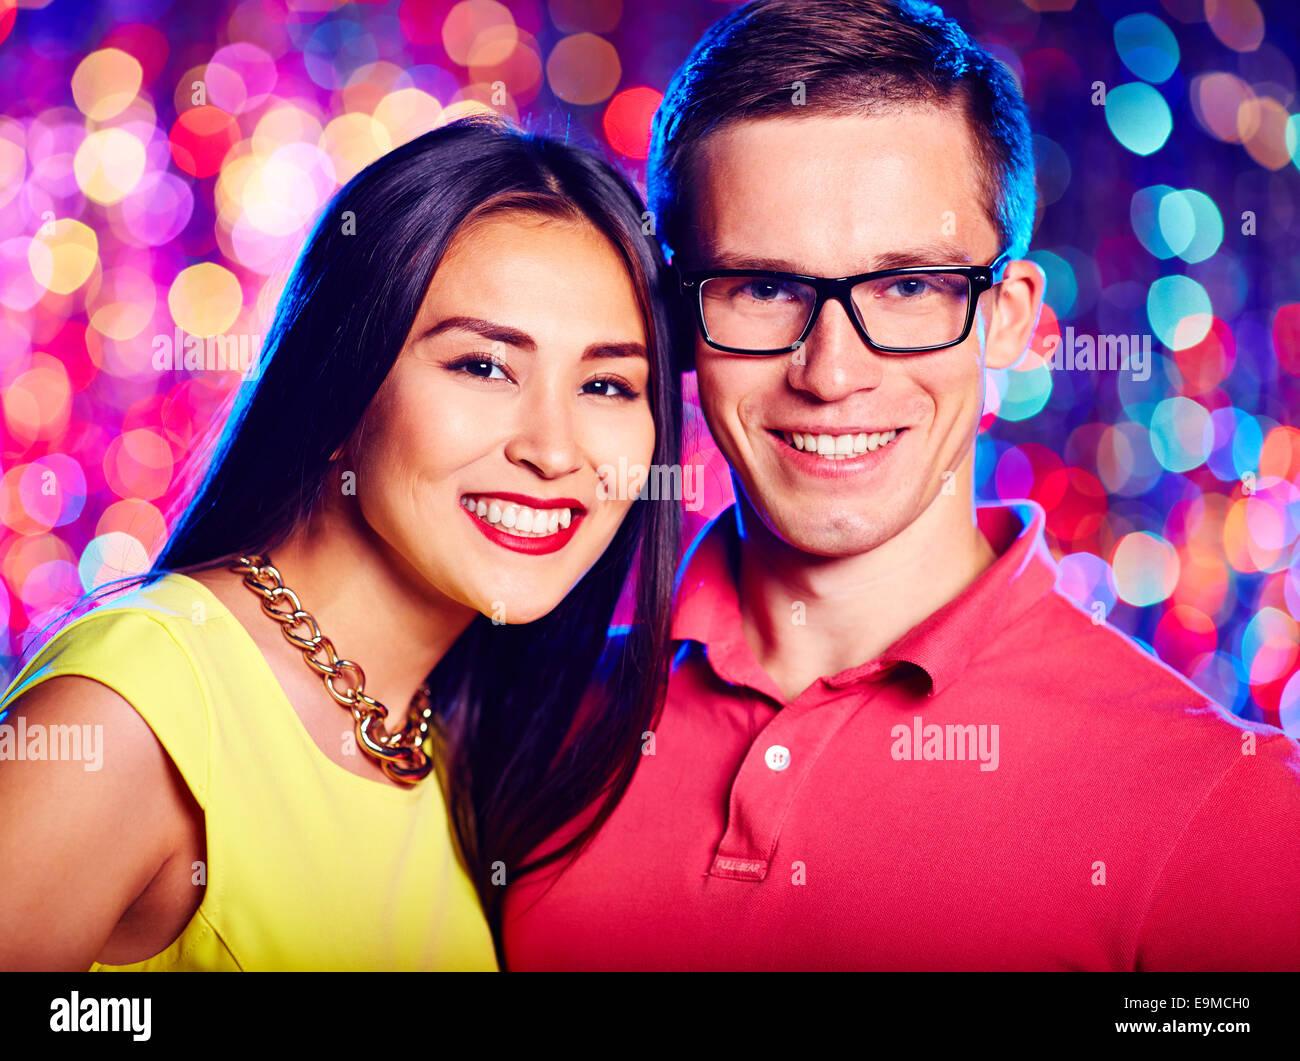 Felice date con sorriso toothy guardando la fotocamera Immagini Stock